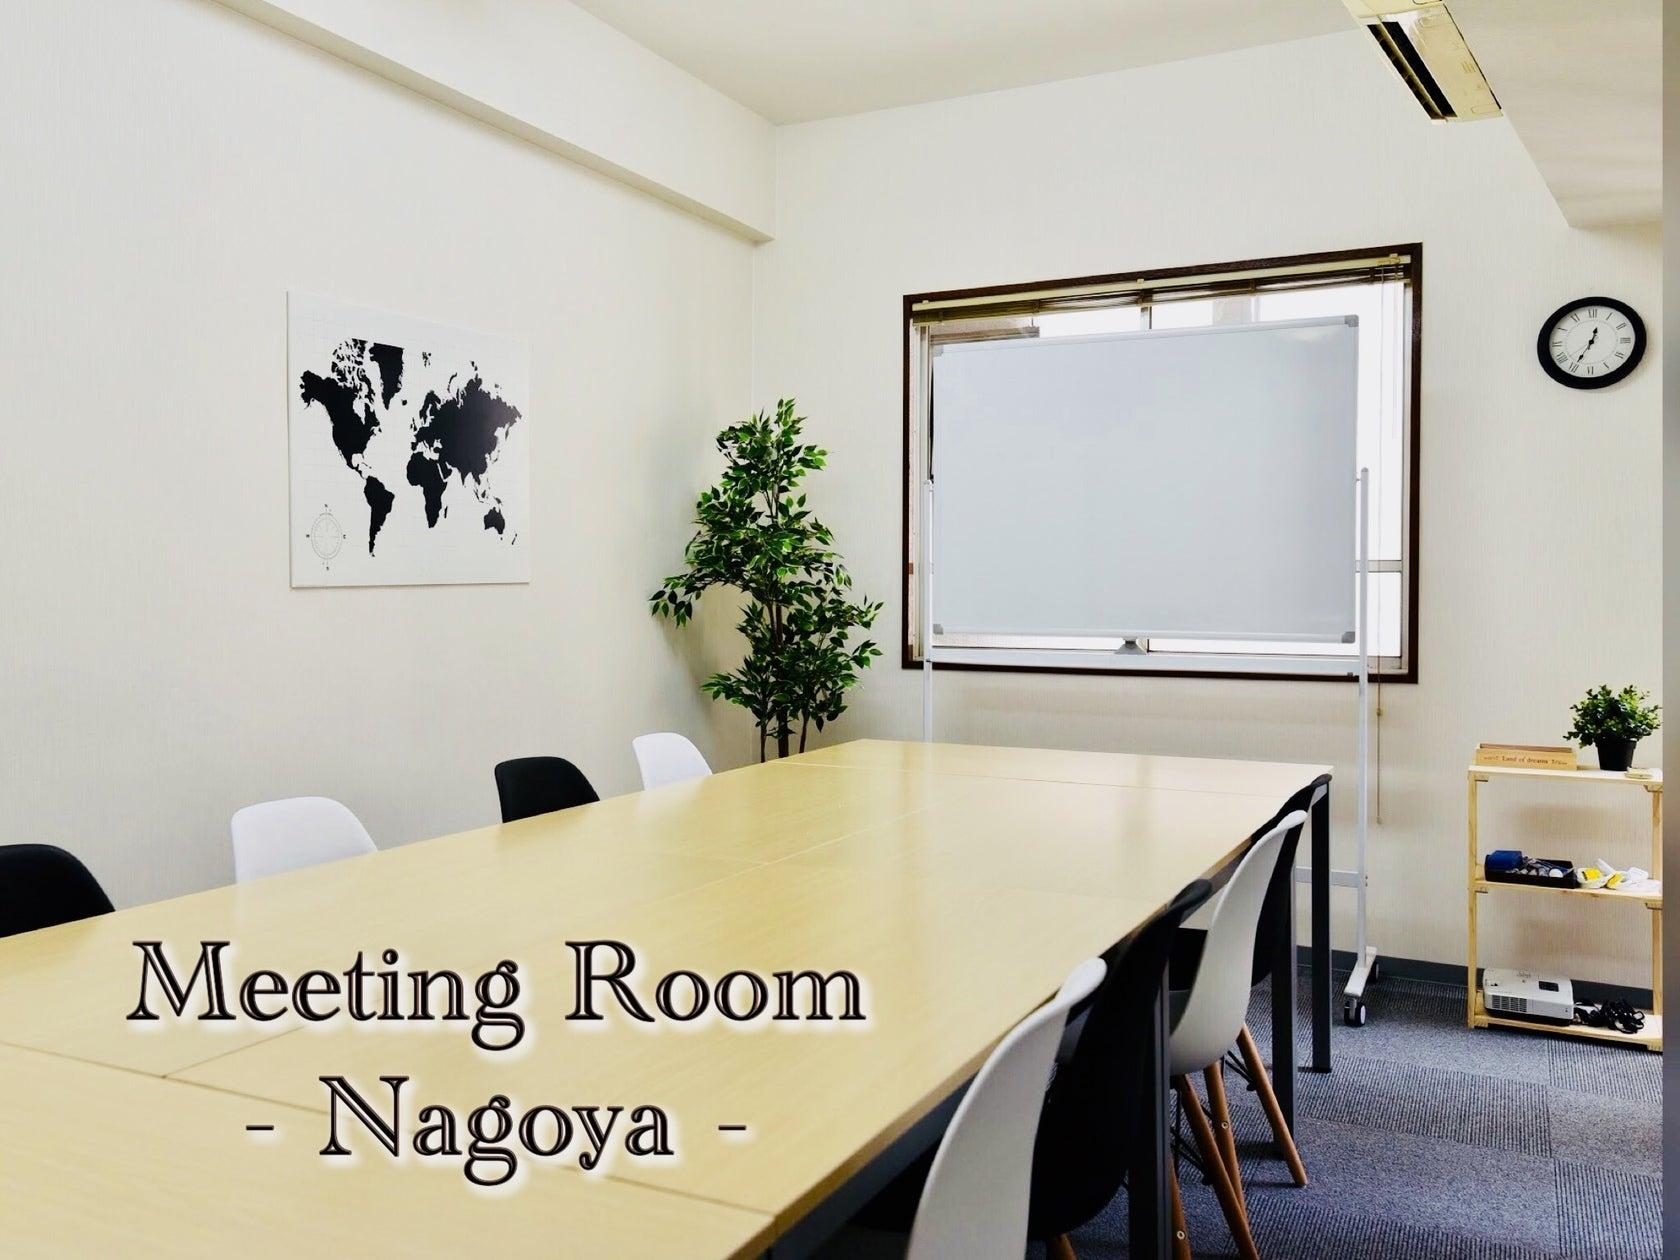 〈エキチカ会議室ナチュラル〉名駅徒歩2分/明るく快適な空間/プロジェクター無料/14名収容 の写真